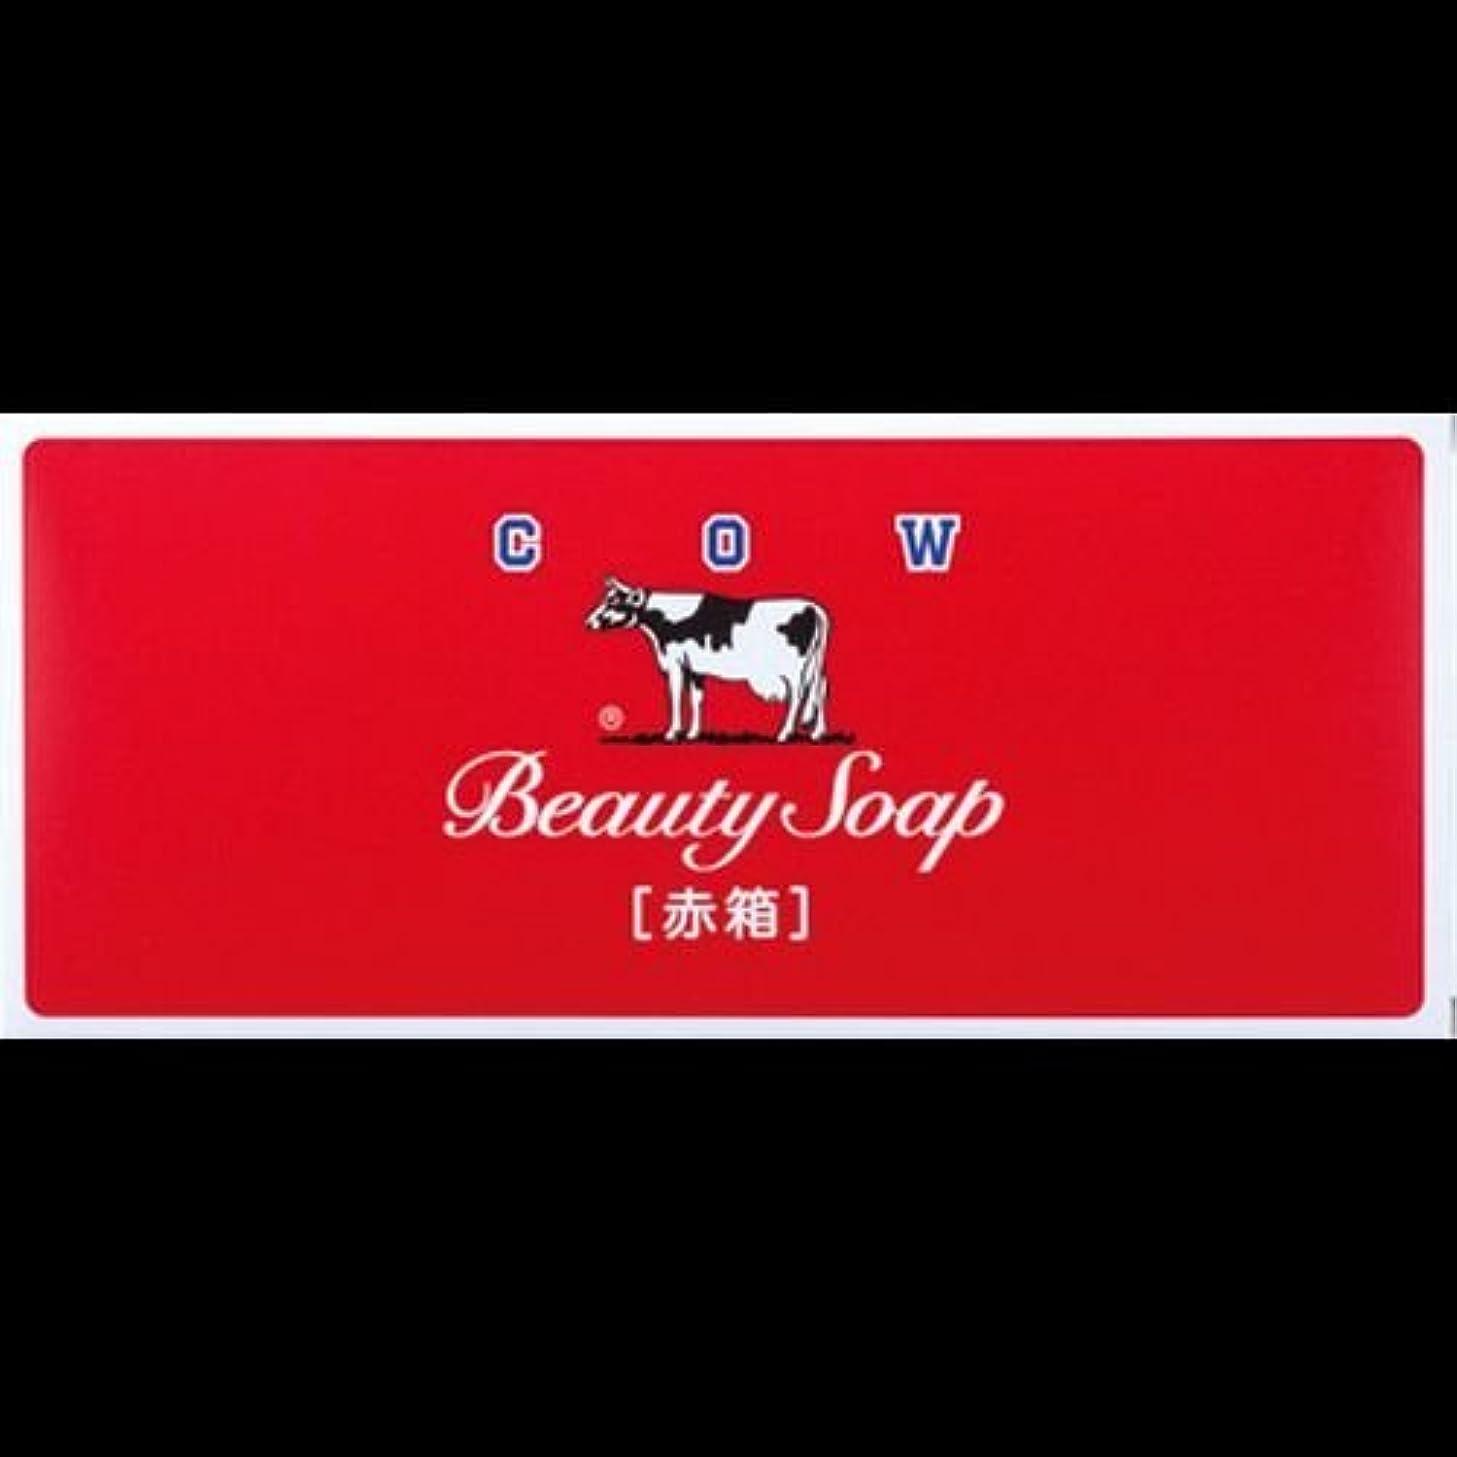 オズワルド汚れる怒って【まとめ買い】カウブランド石鹸 赤箱100g*6個 ×2セット